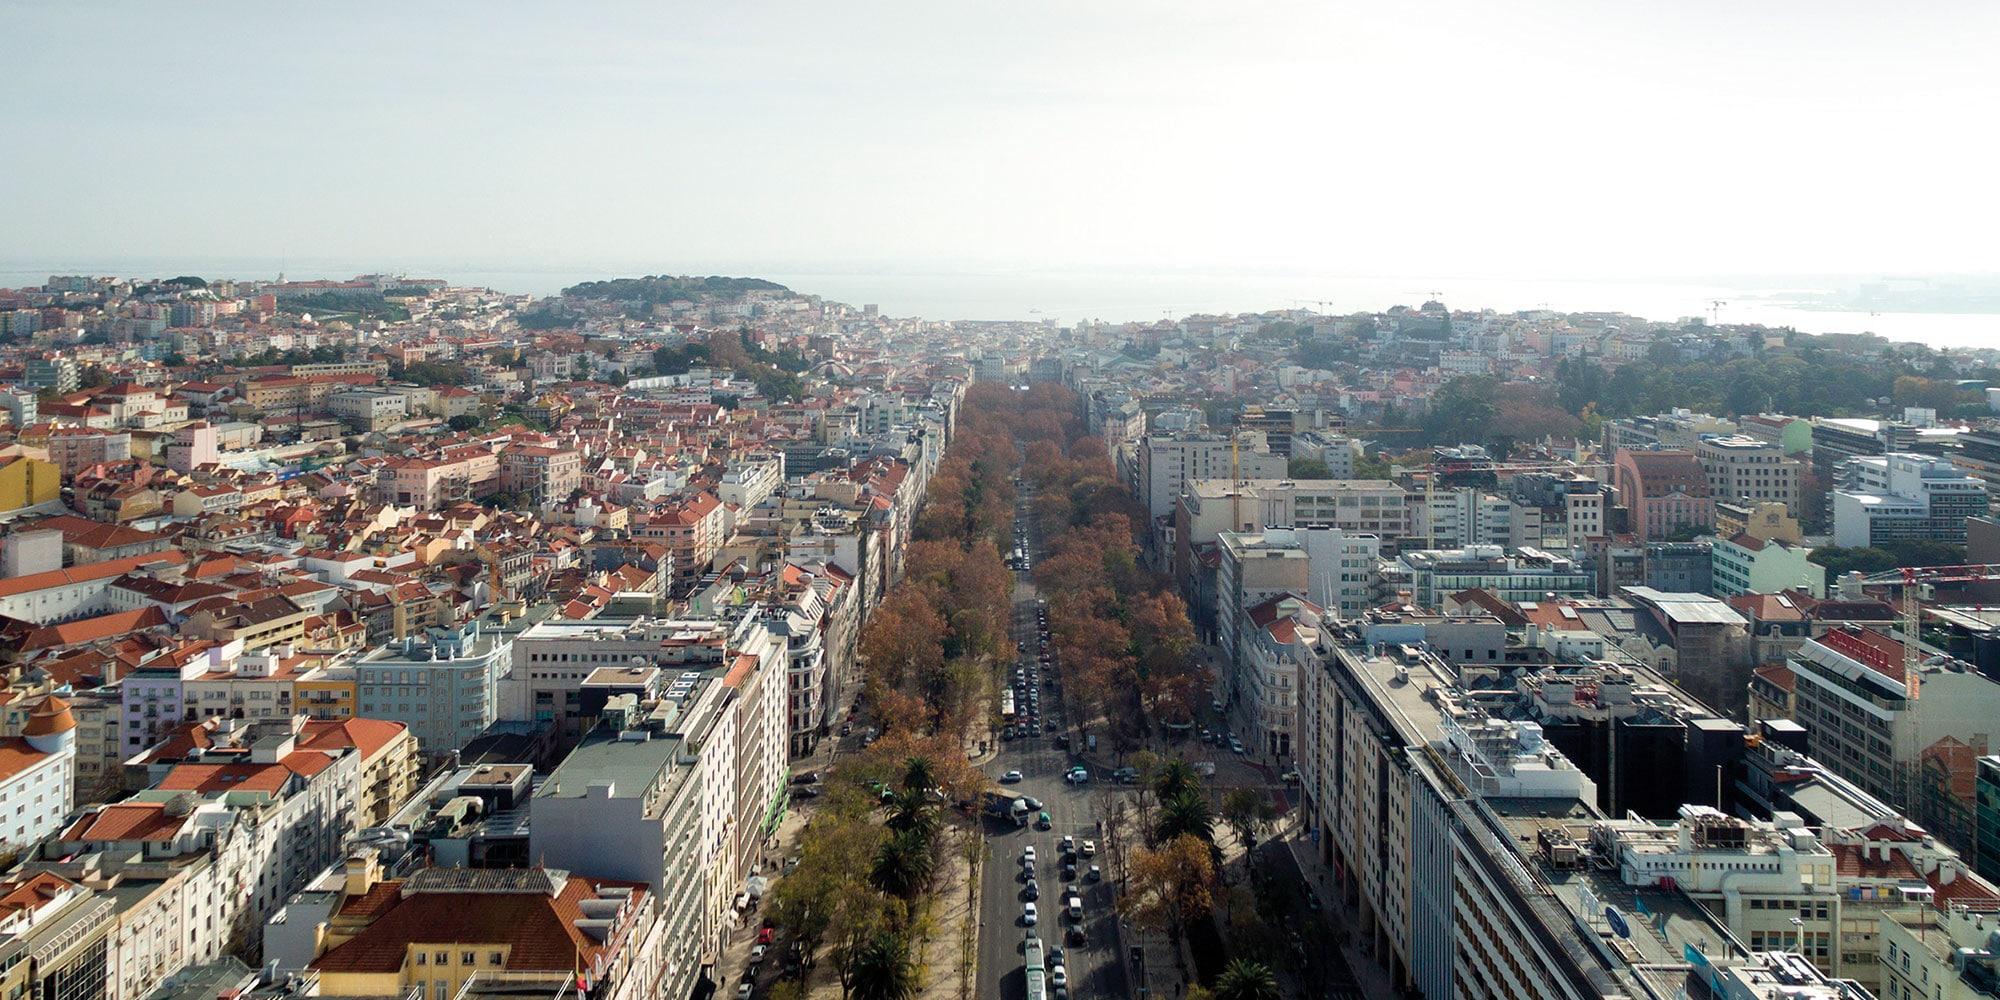 Junto à luxuosa e exclusiva Avenida da Liberdade, terá total Liberdade para usufruir das melhores lojas, cafés, restaurantes e hotéis da cidade de Lisboa.